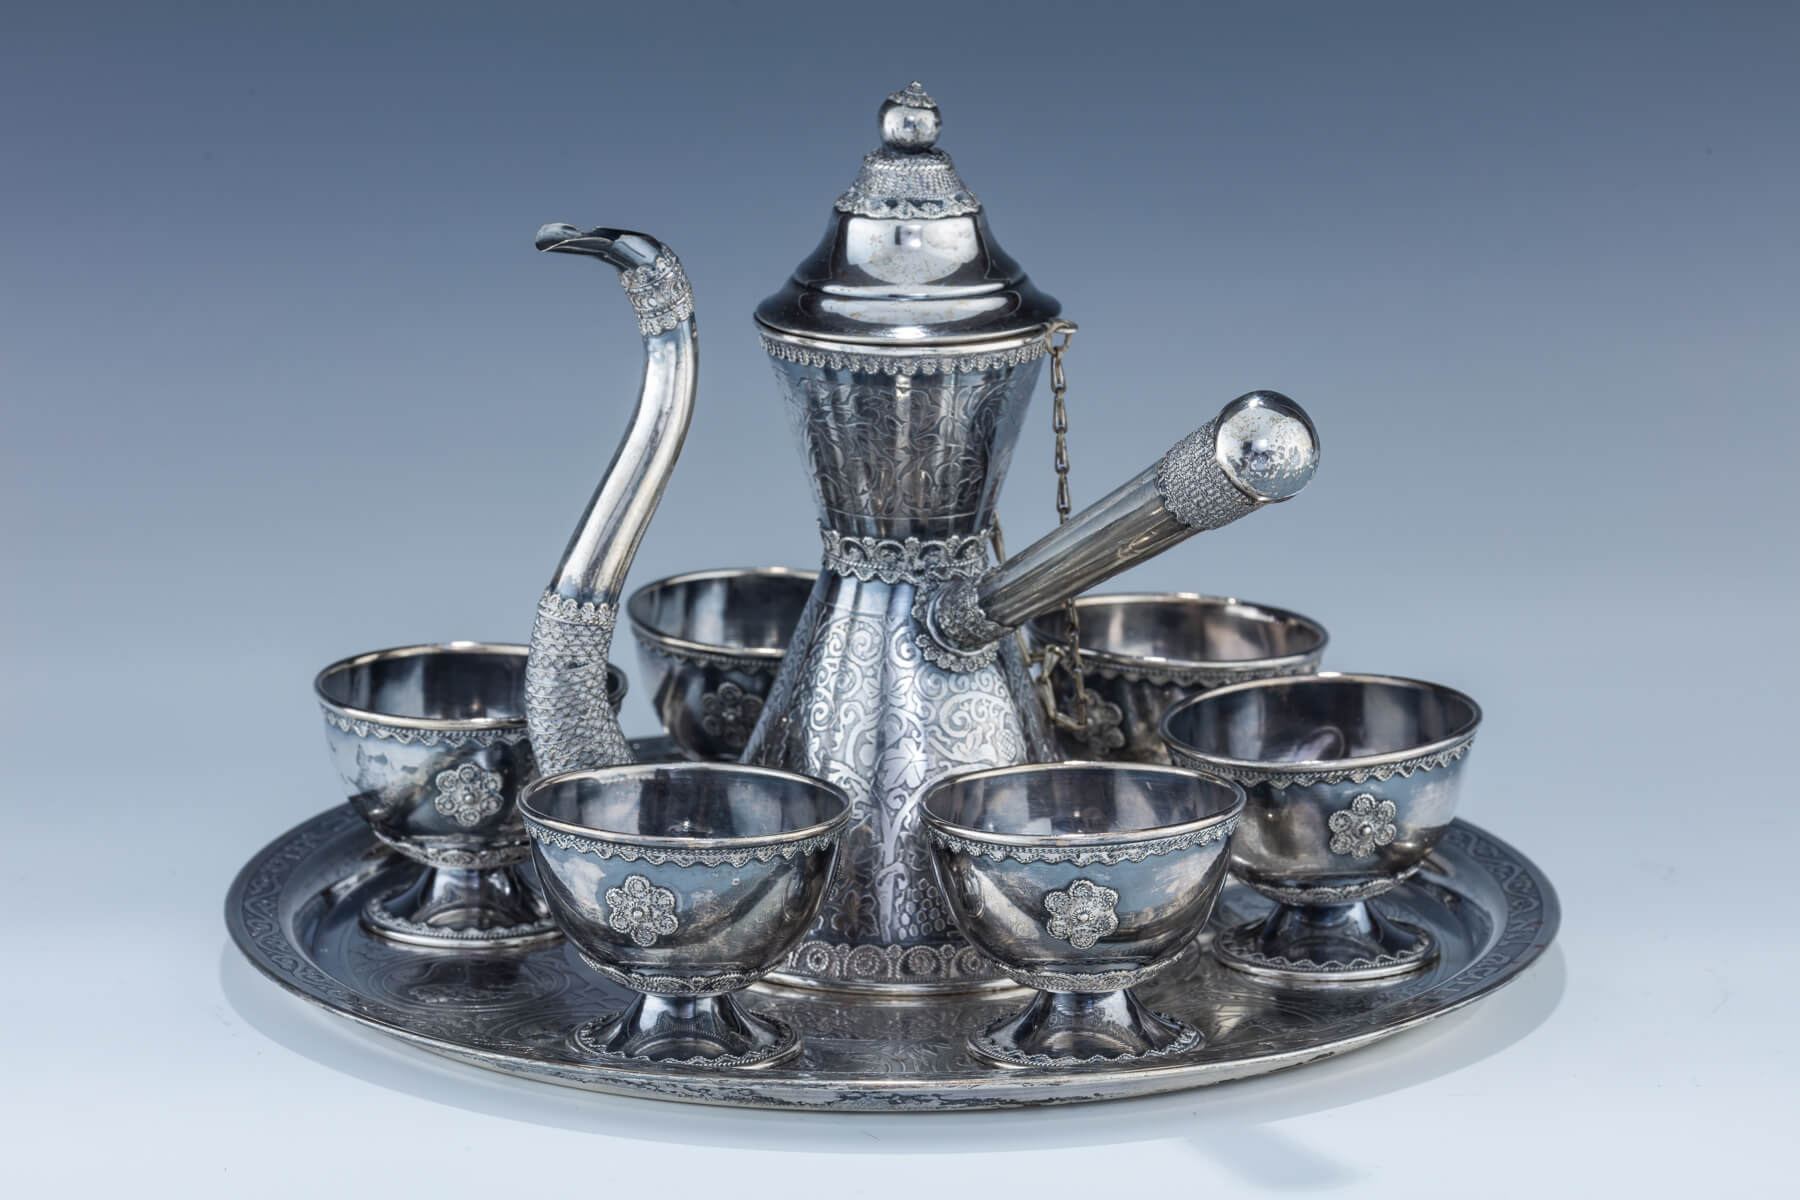 10. A Sterling Silver Finjon Set By Avishai/Bezalel